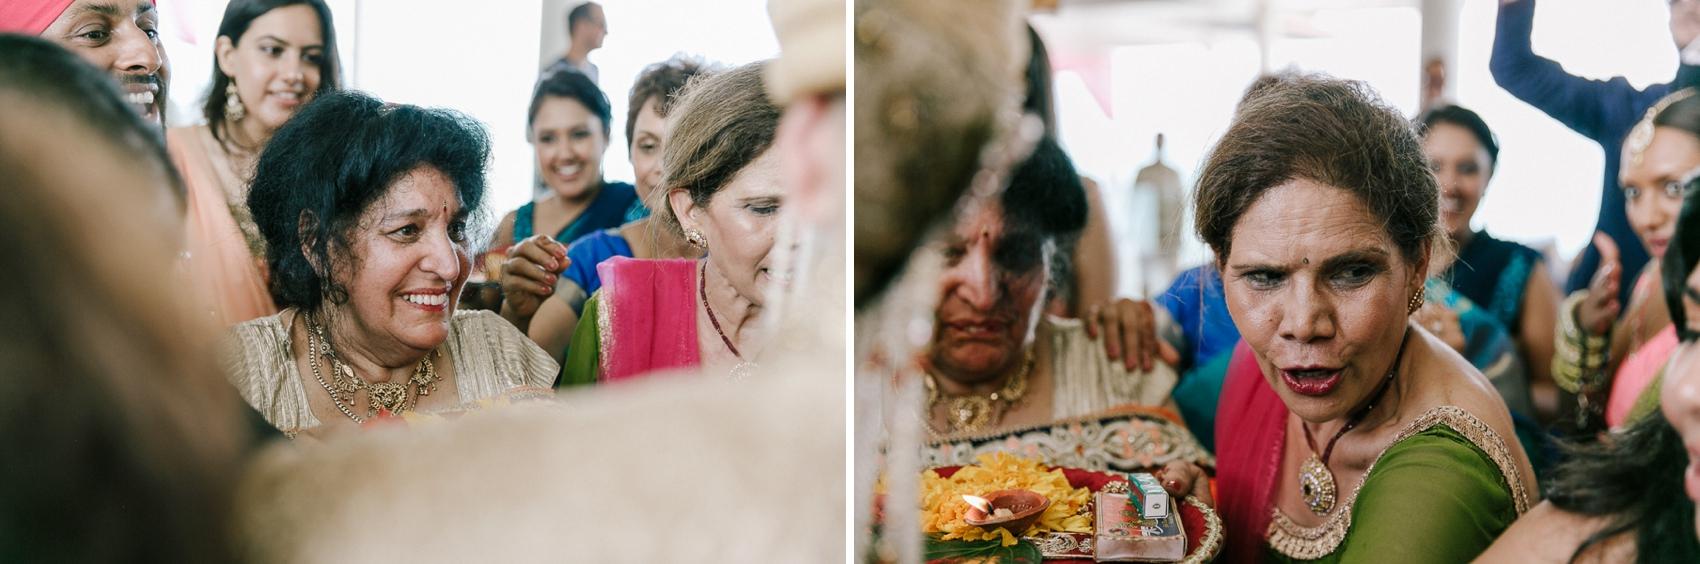 Indian-Wedding-Photography-Maala-Rohan_0192